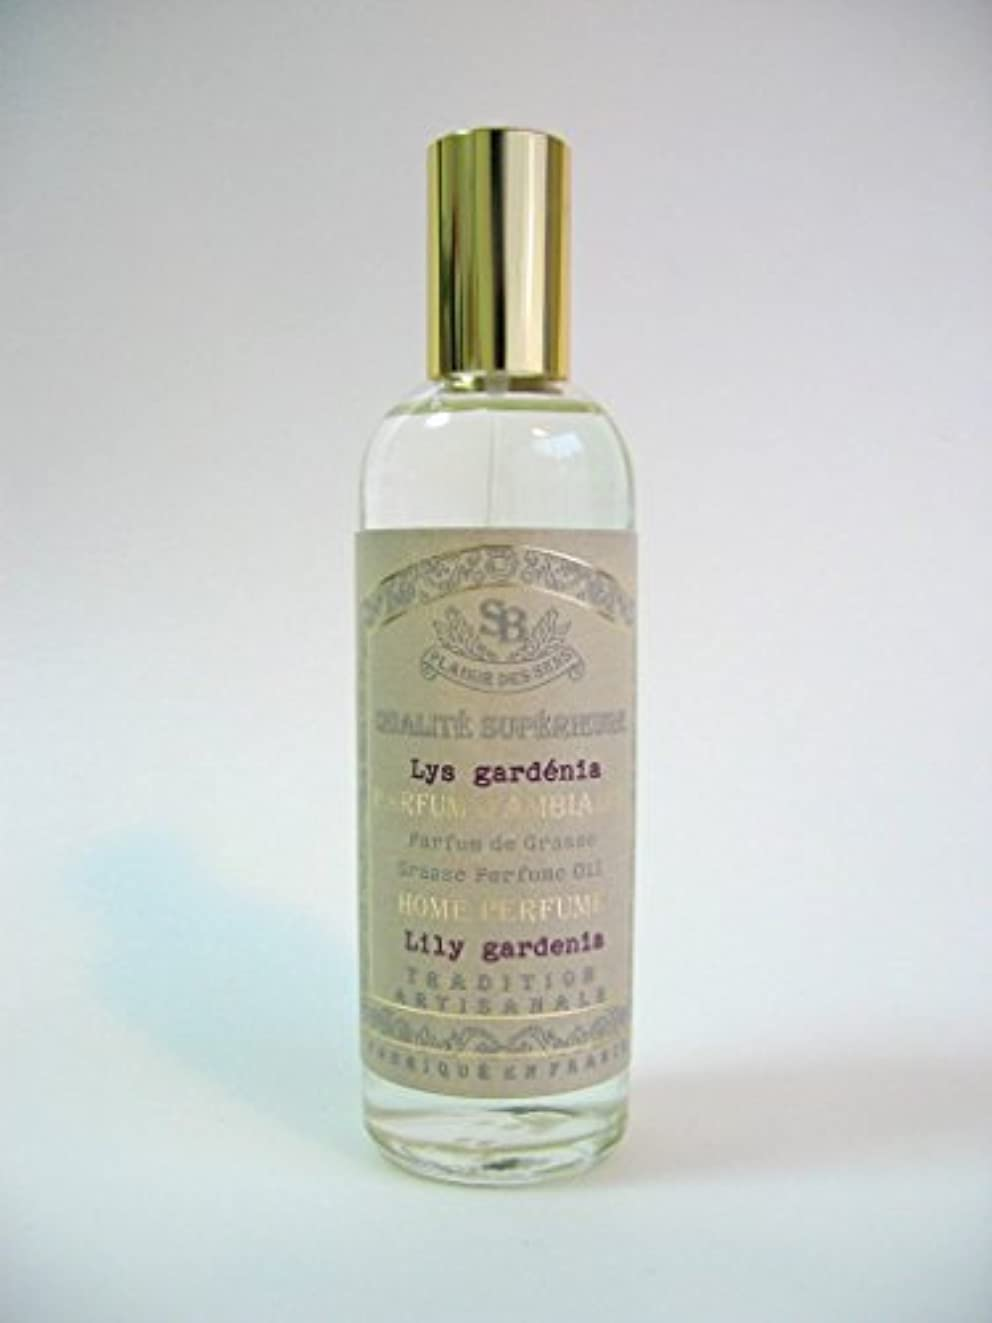 裁量神話空洞Senteur et Beaute(サンタールエボーテ) フレンチクラシックシリーズ ルームスプレー 100ml 「リリーガーデニア」 4994228021885